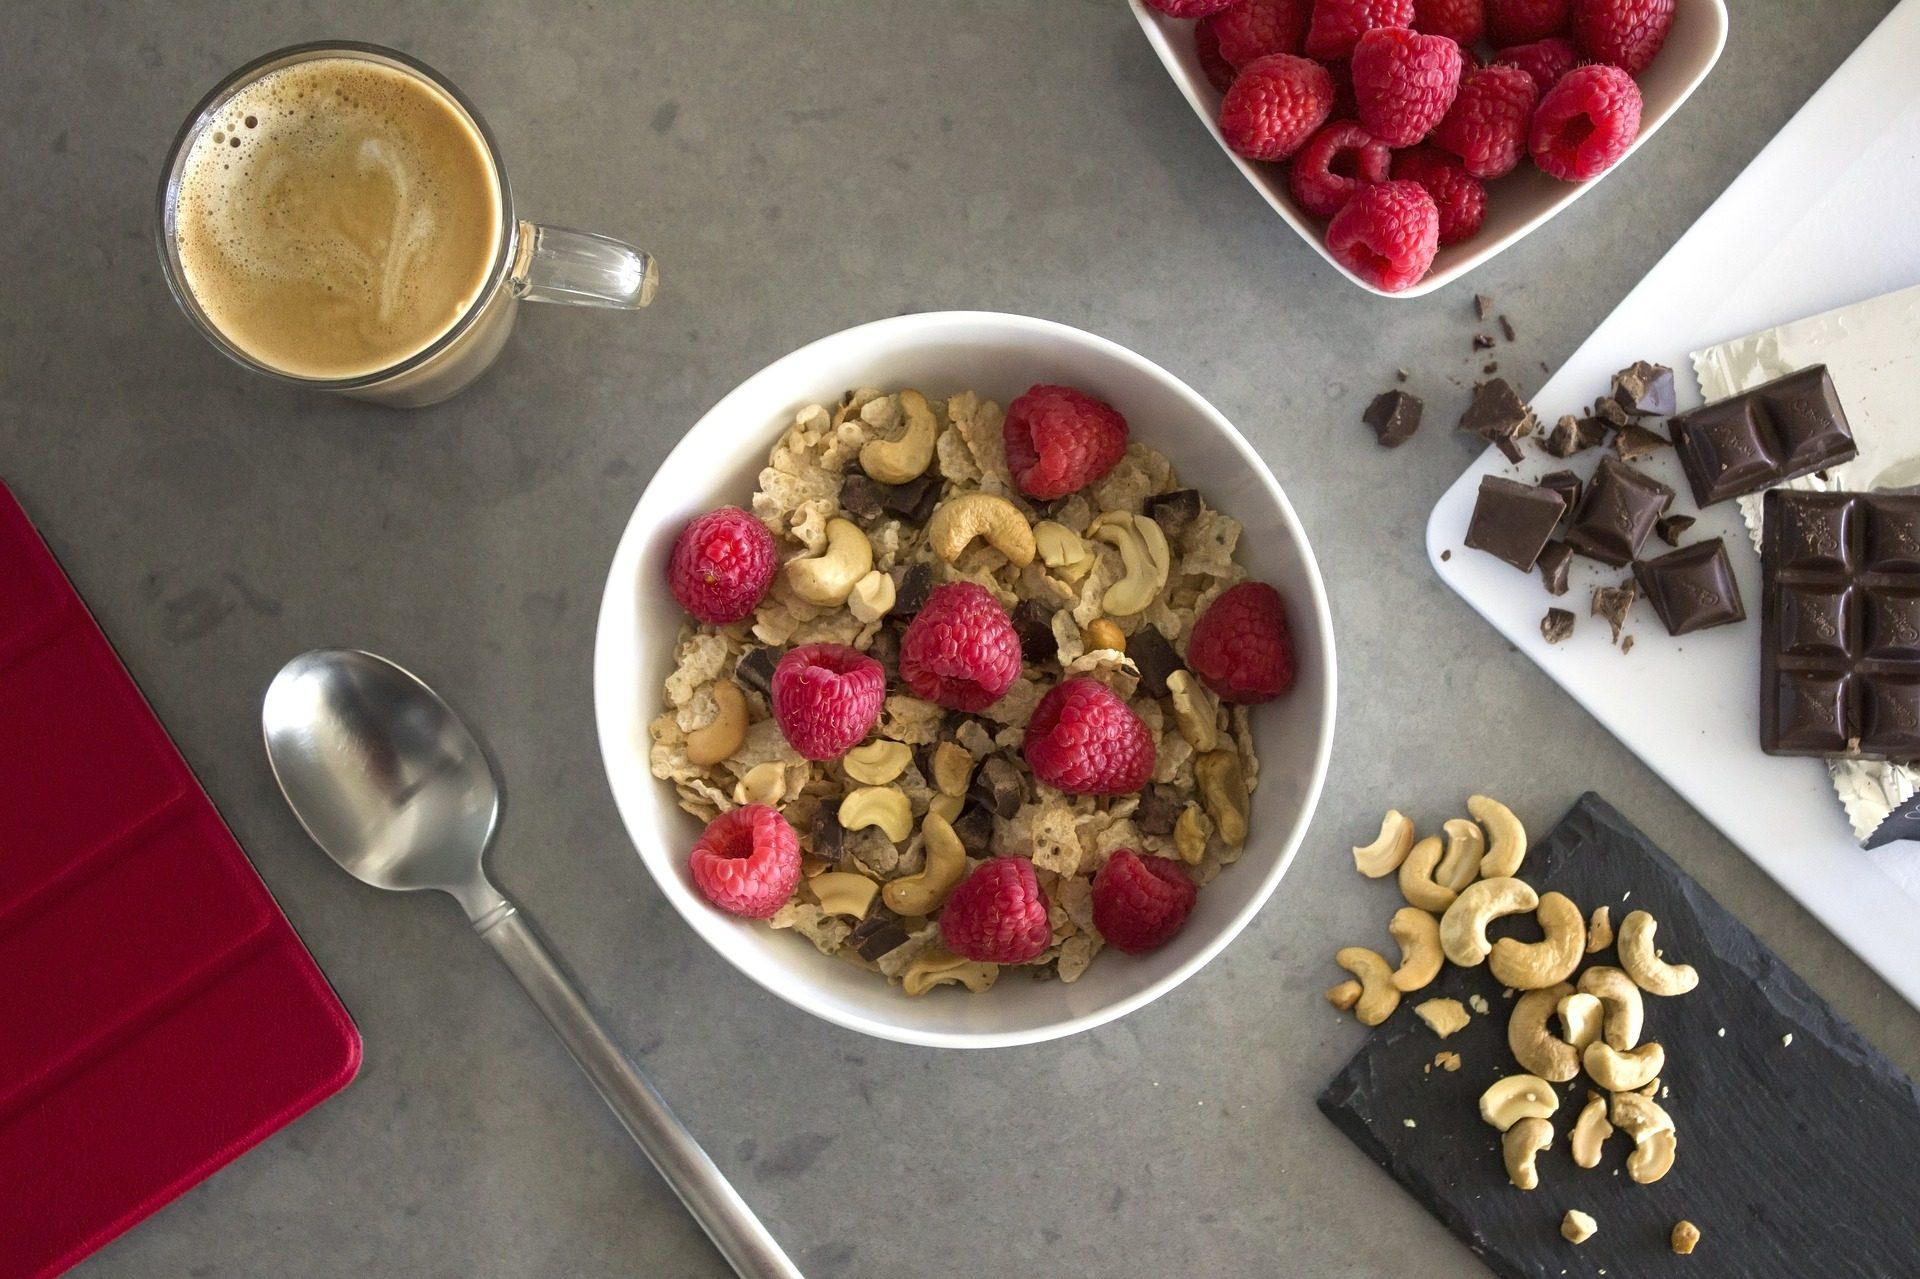 谷物, anacardos, 浆果, 巧克力, 咖啡, 早餐 - 高清壁纸 - 教授-falken.com